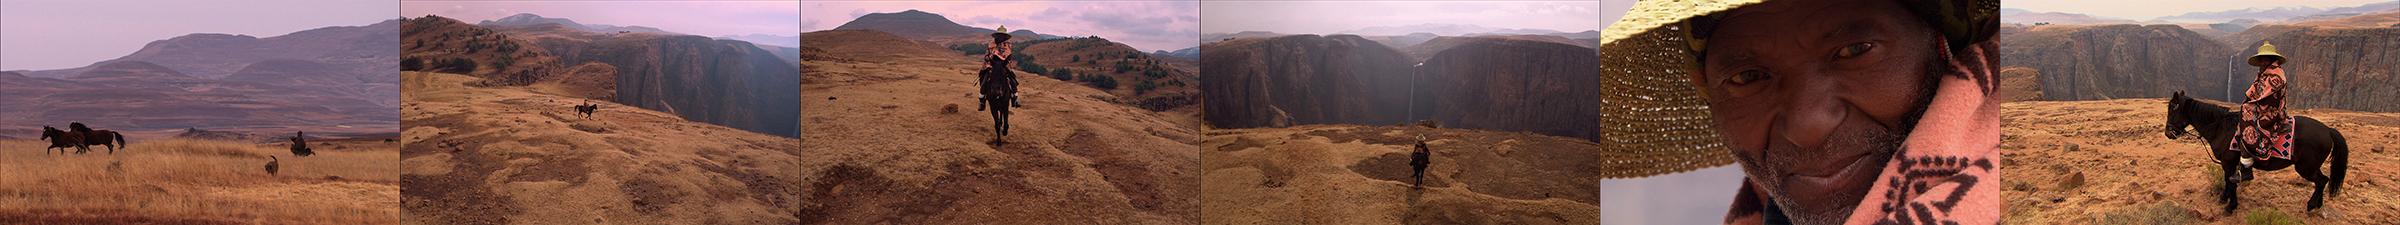 Lesotho_E.jpg